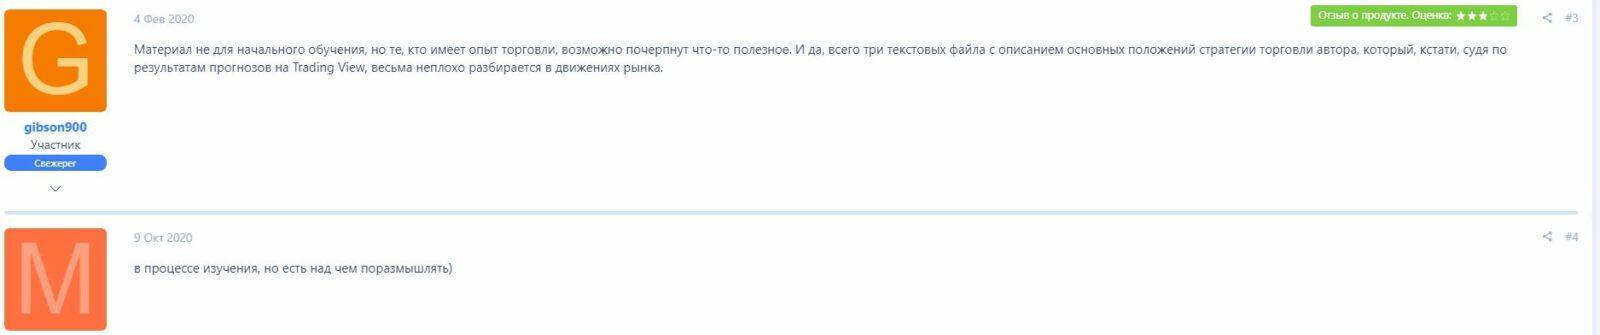 Дмитрий Сапегин отзывы